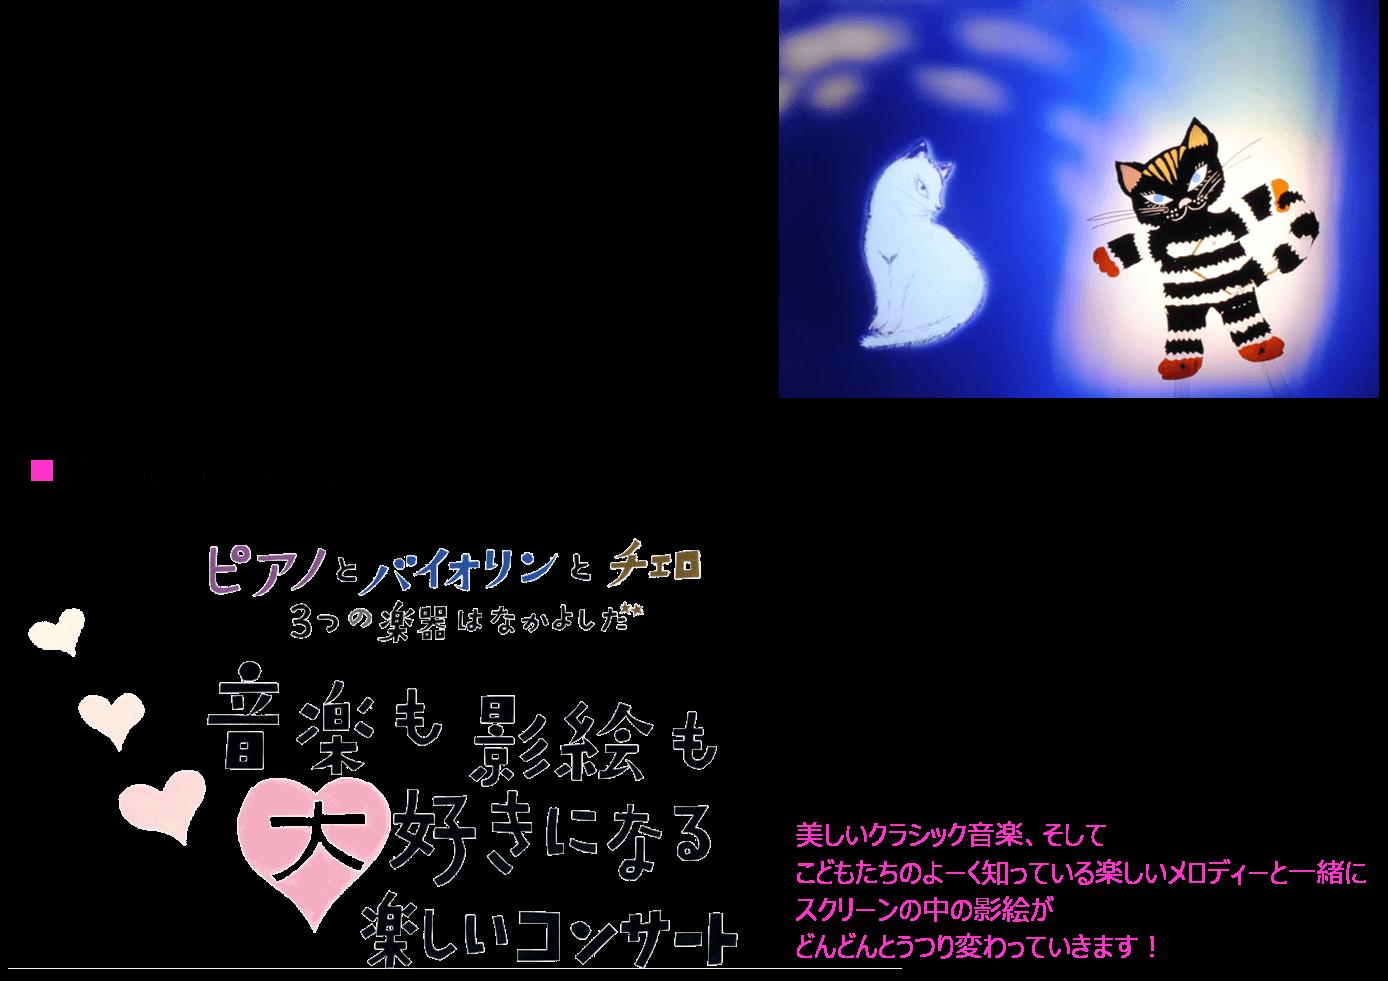 ホール 劇場公演 100万回生きたねこ 3  (1)